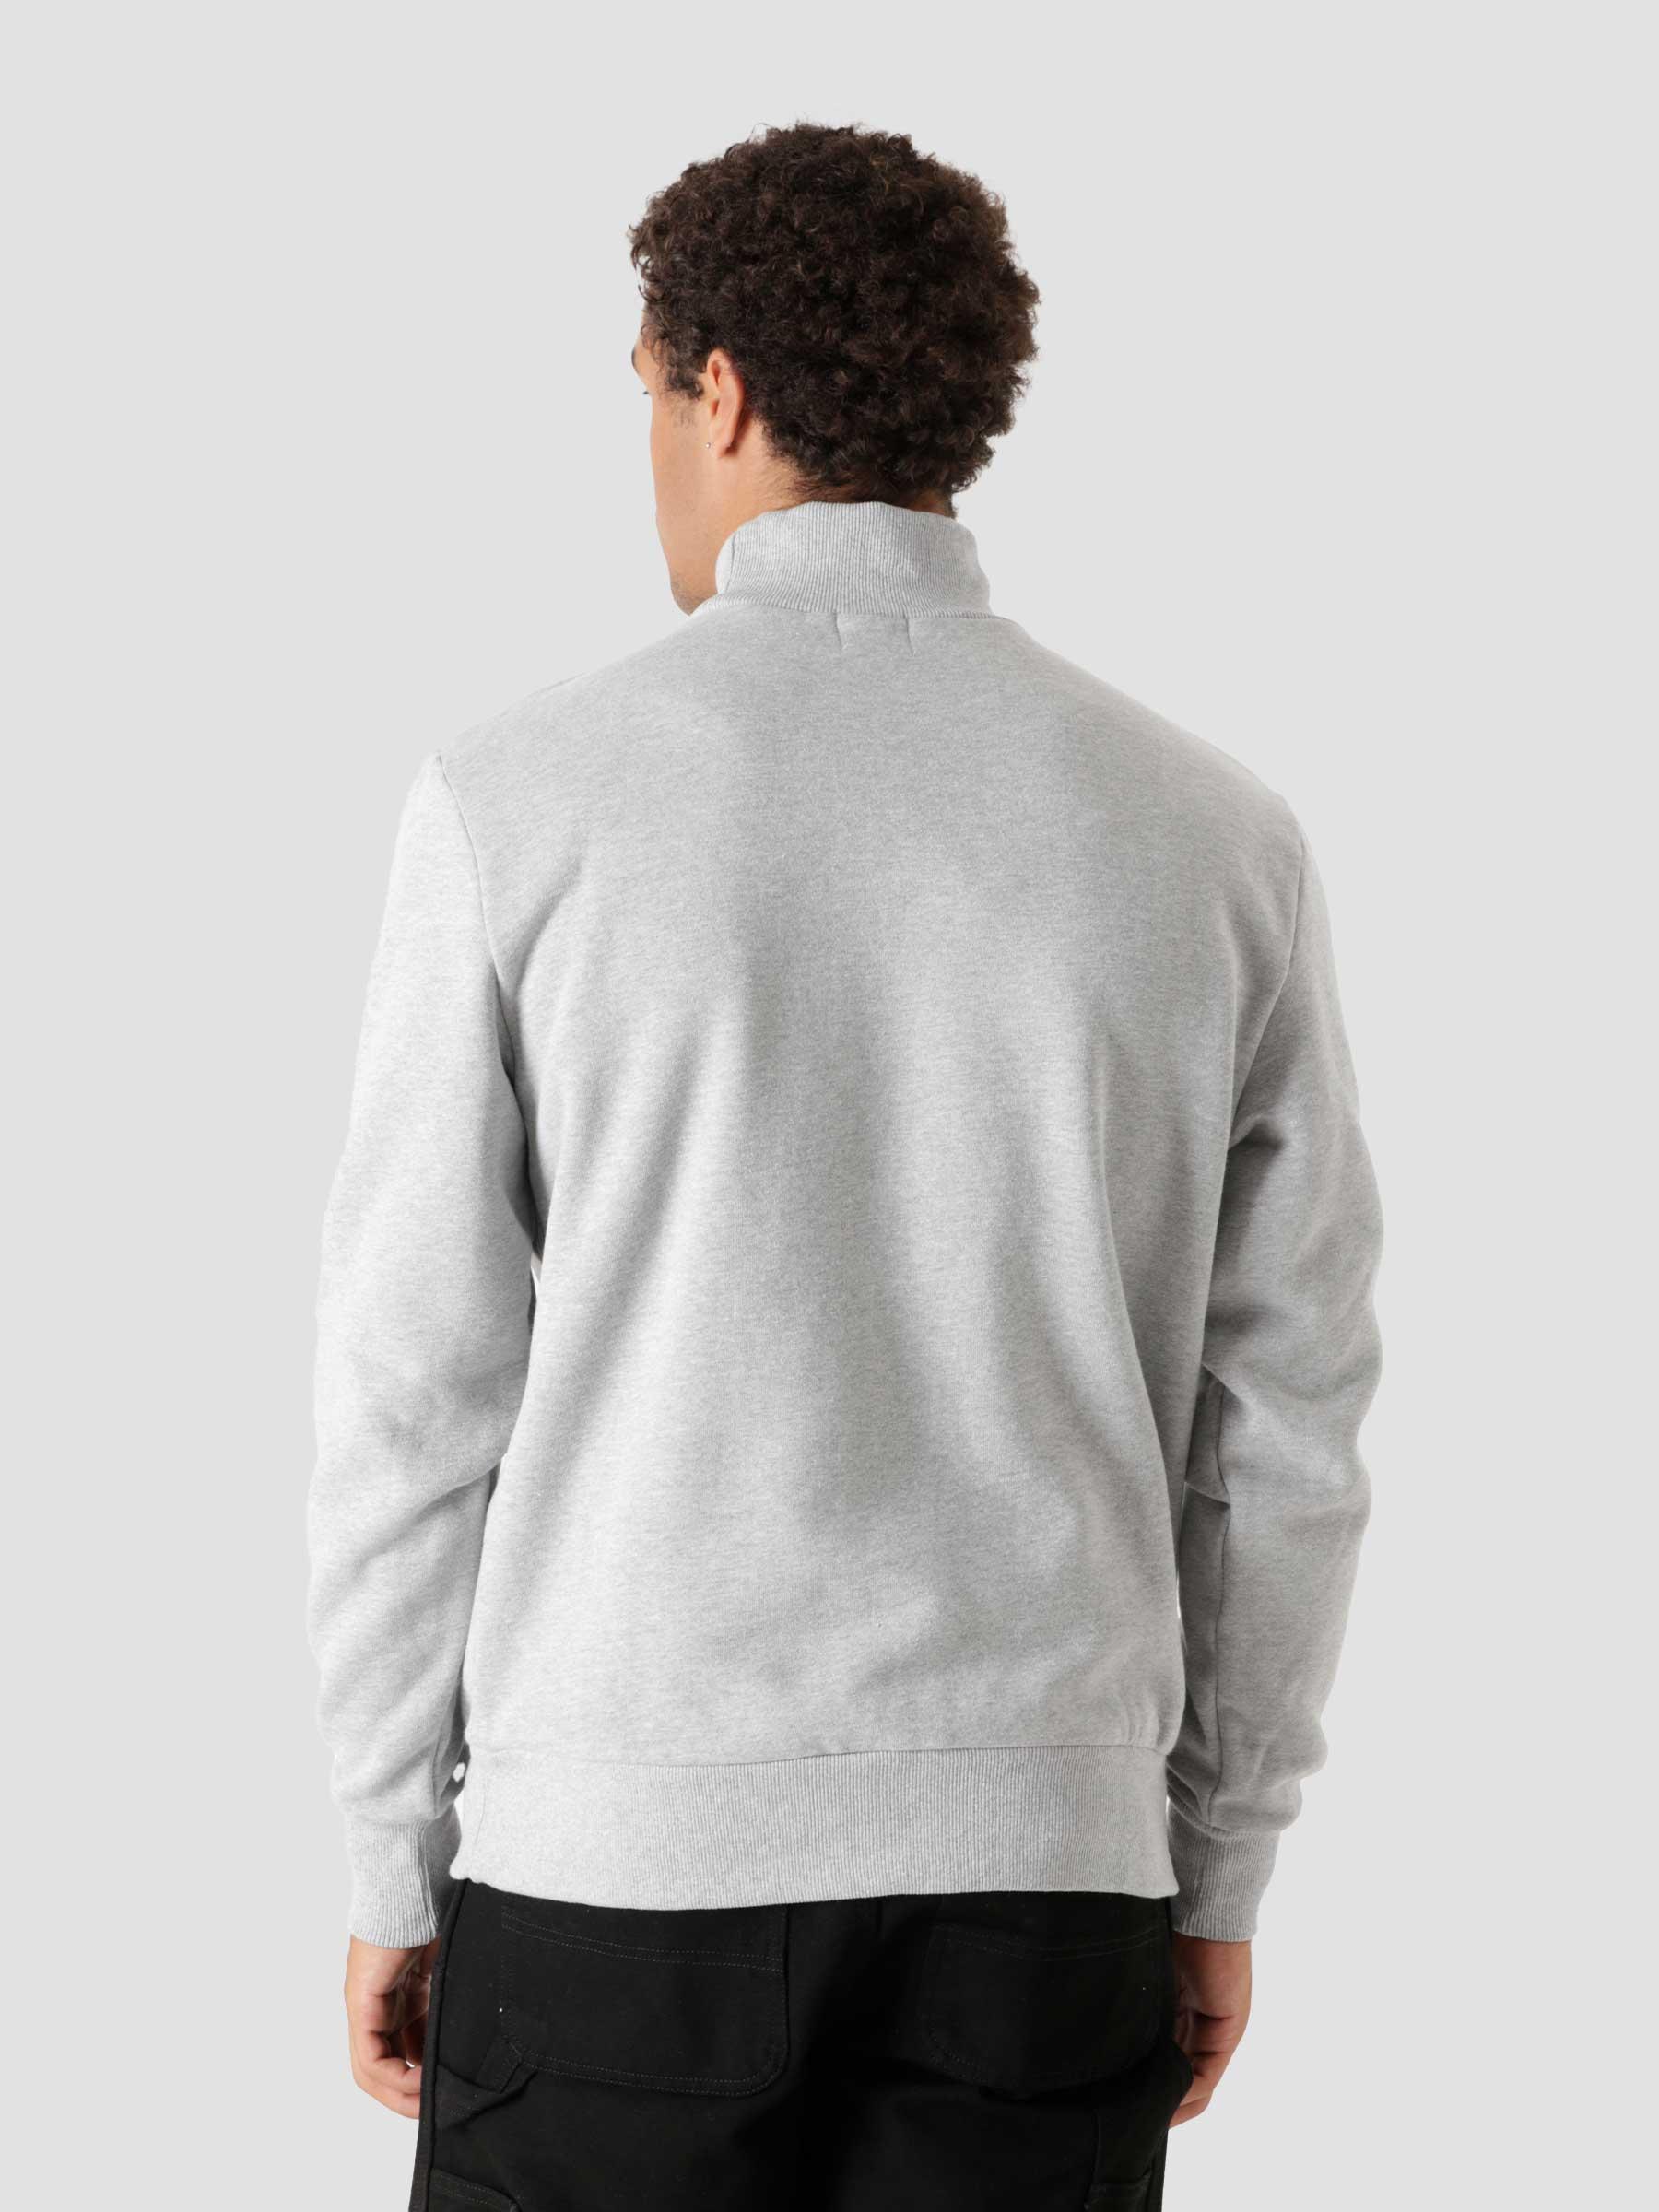 Carter Sweater Grey AW21-127C